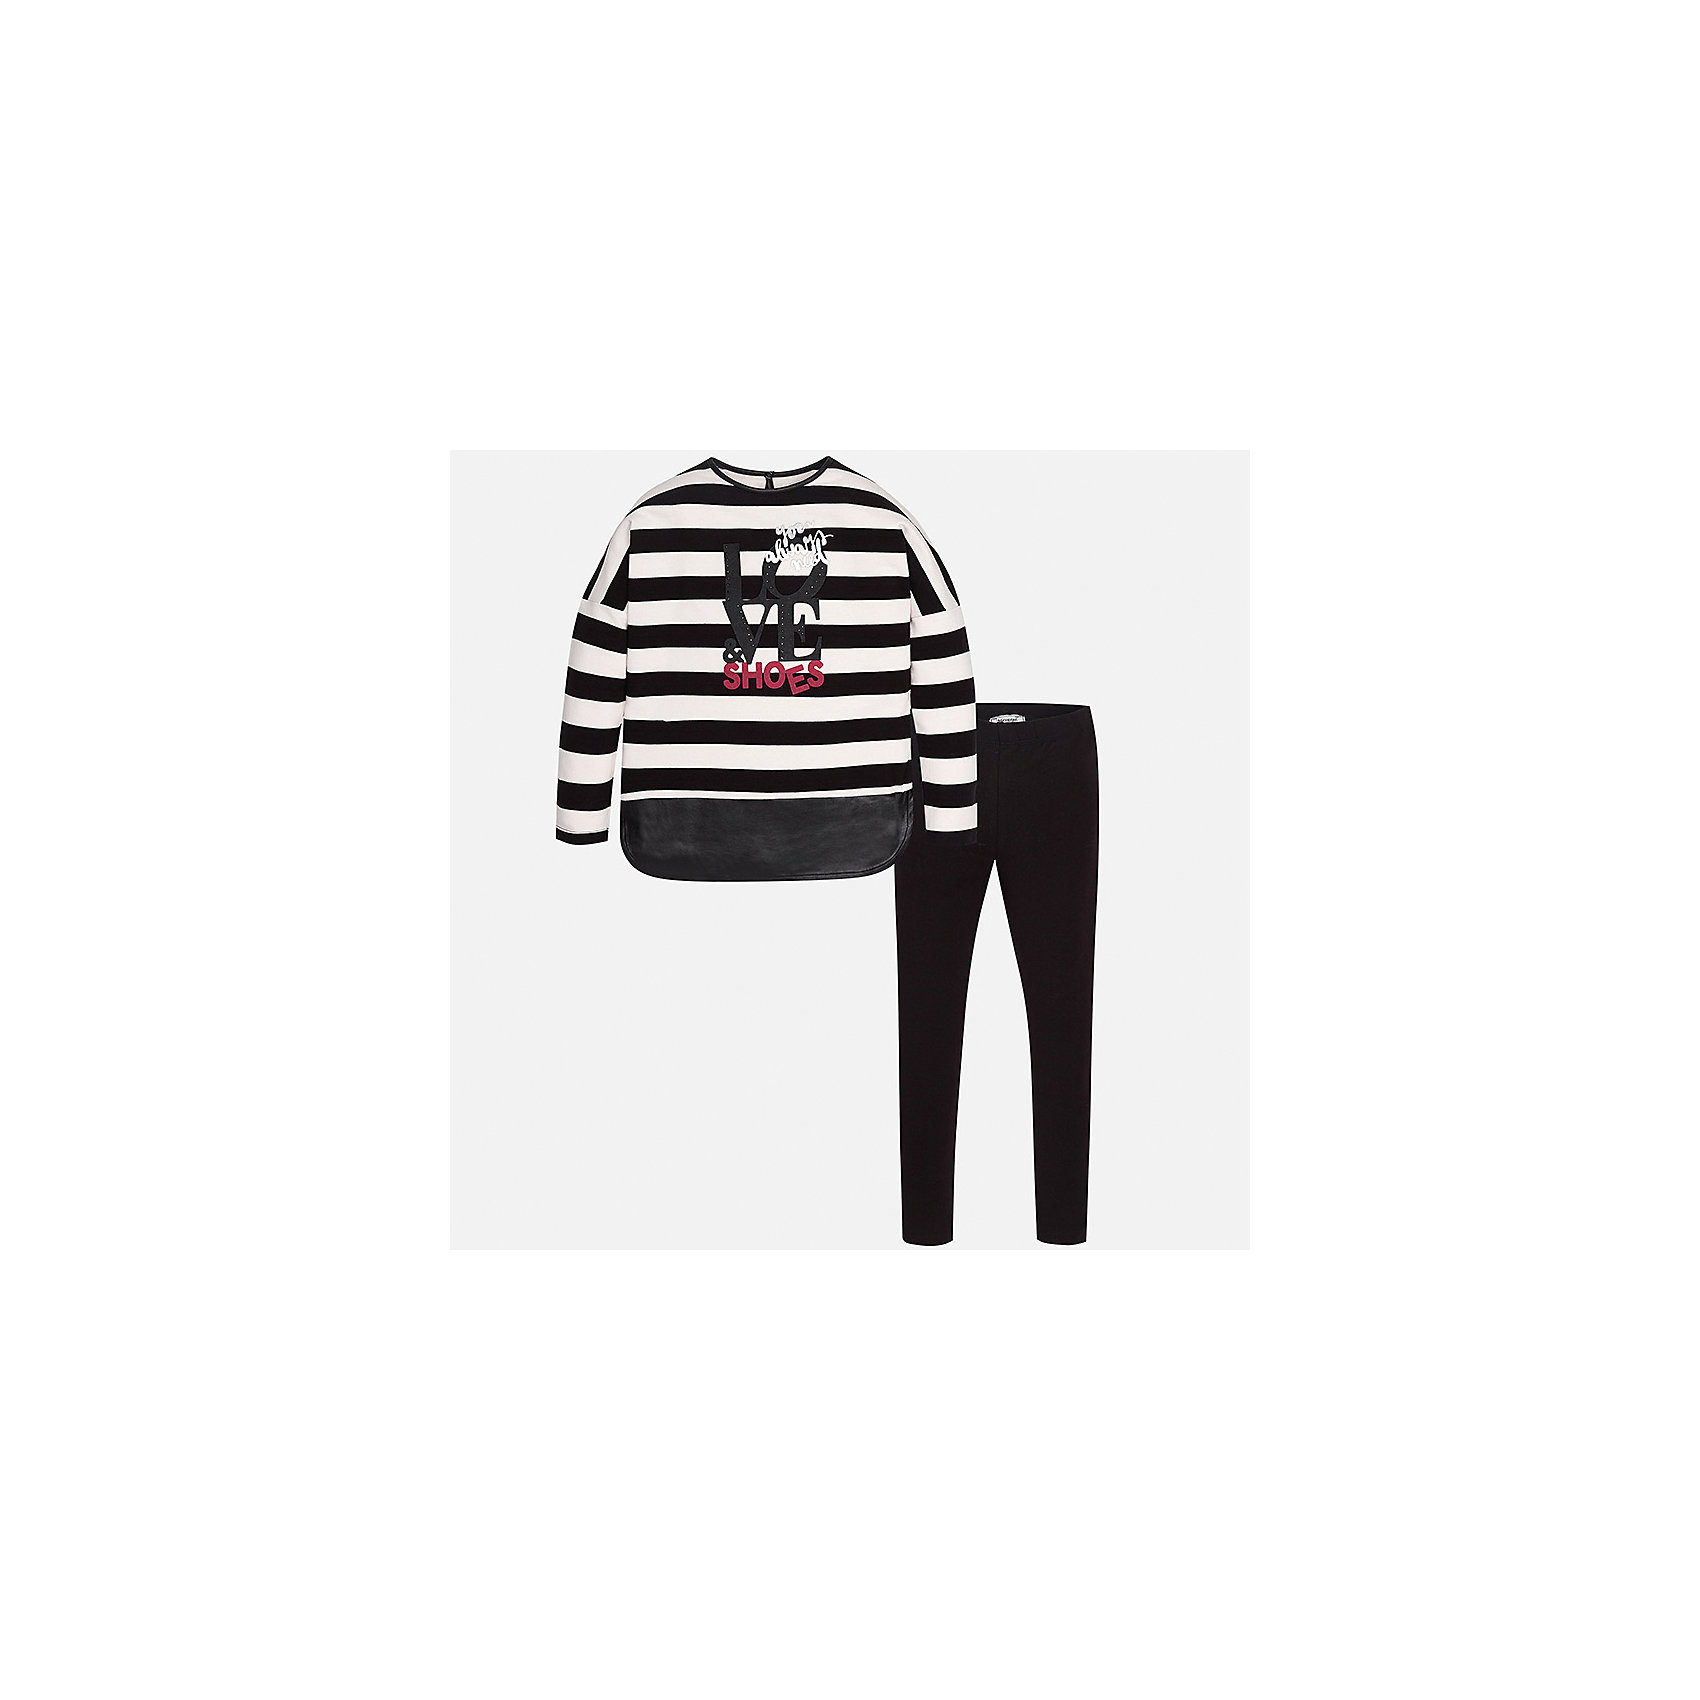 Комплект: блузка и леггинсы Mayoral для девочкиКомплекты<br>Характеристики товара:<br><br>• цвет: черный<br>• комплектация: блузка и леггинсы<br>• состав ткани леггинсов: 95% хлопок, 5% эластан<br>• состав ткани блузки: 100% хлопок<br>• длинные рукава<br>• стразы<br>• пояс: резинка<br>• сезон: круглый год<br>• страна бренда: Испания<br>• страна изготовитель: Индия<br><br>Хлопковый комплект от известного испанского бренда Mayoral состоит из модной блузки с принтом и эластичных леггинсов. Они отлично сочетаются между собой, а также с другими вещами.<br><br>Для производства детской одежды популярный бренд Mayoral использует только качественную фурнитуру и материалы. Оригинальные и модные вещи от Майорал неизменно привлекают внимание и нравятся детям.<br><br>Комплект: блузка и леггинсы для девочки Mayoral (Майорал) можно купить в нашем интернет-магазине.<br><br>Ширина мм: 123<br>Глубина мм: 10<br>Высота мм: 149<br>Вес г: 209<br>Цвет: черный<br>Возраст от месяцев: 168<br>Возраст до месяцев: 180<br>Пол: Женский<br>Возраст: Детский<br>Размер: 170,140,152,158,164<br>SKU: 6922348